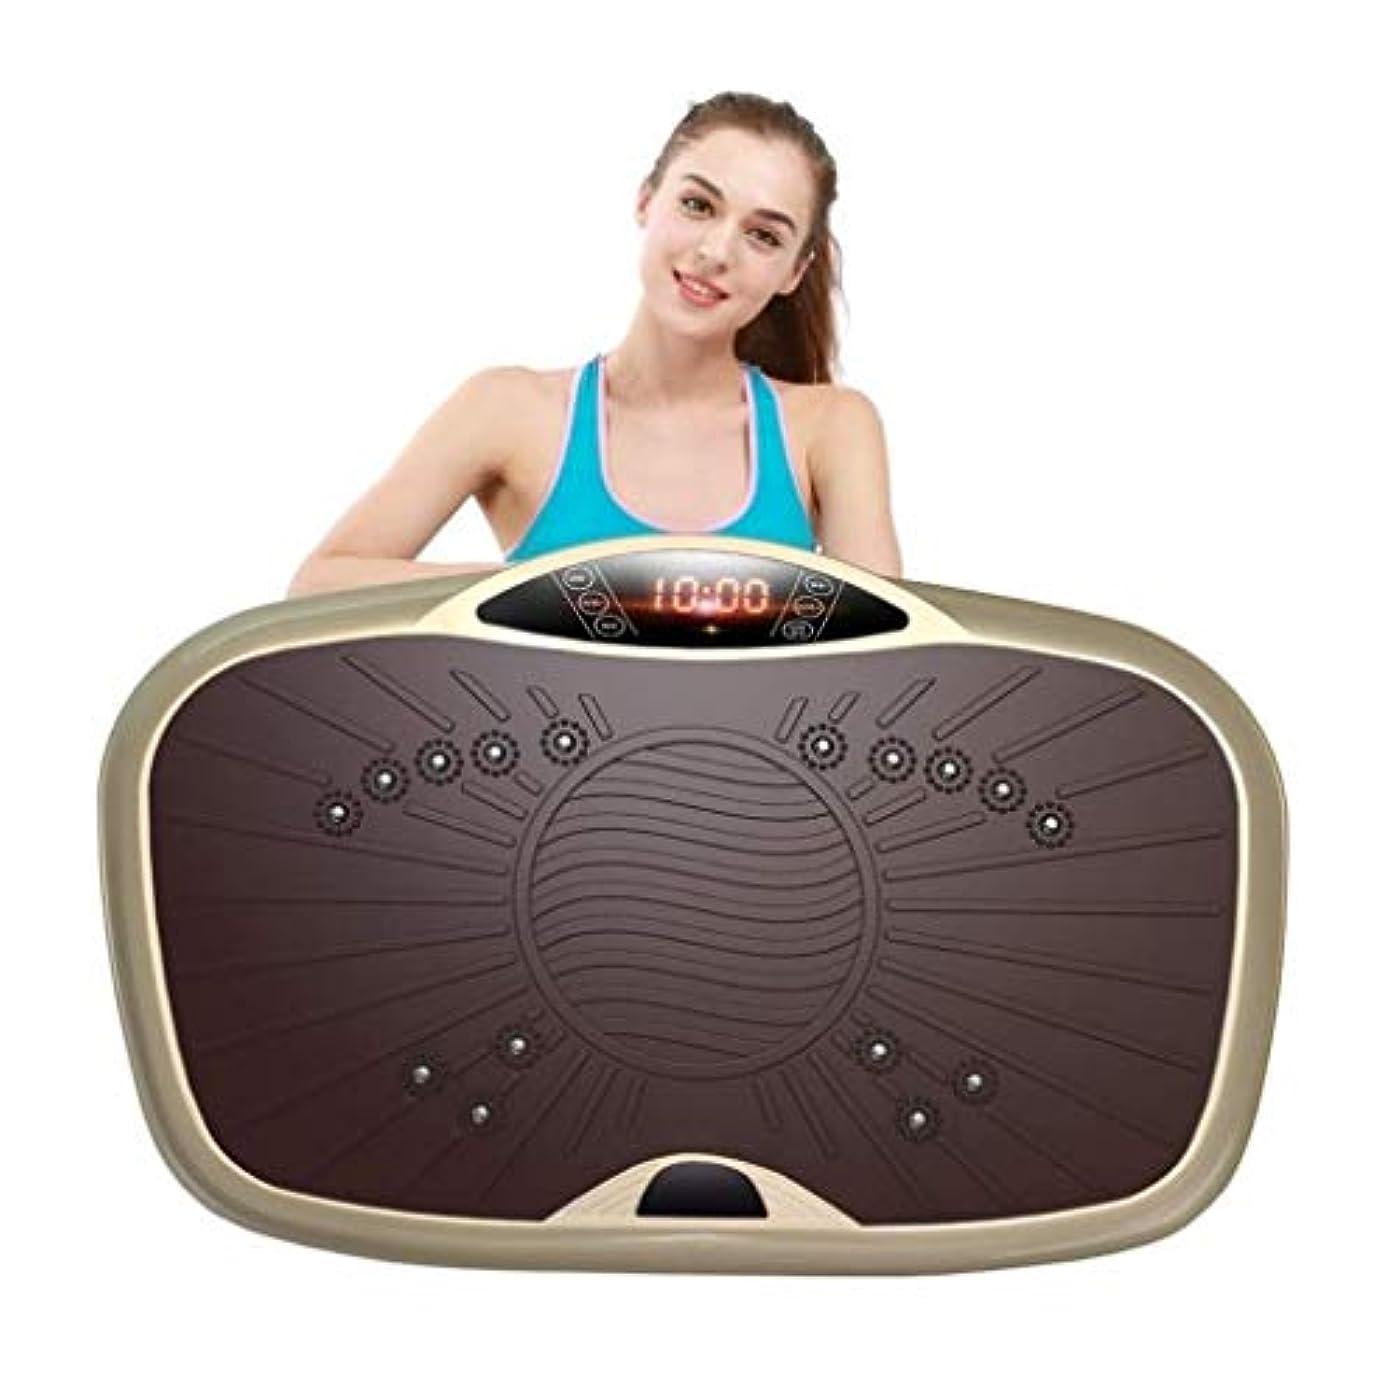 減量装置、体力振動トレーナーエクササイズパワープレート、99レベルの速度でジムホームオフィスで脂肪体の調子を失う (Color : ゴールド)